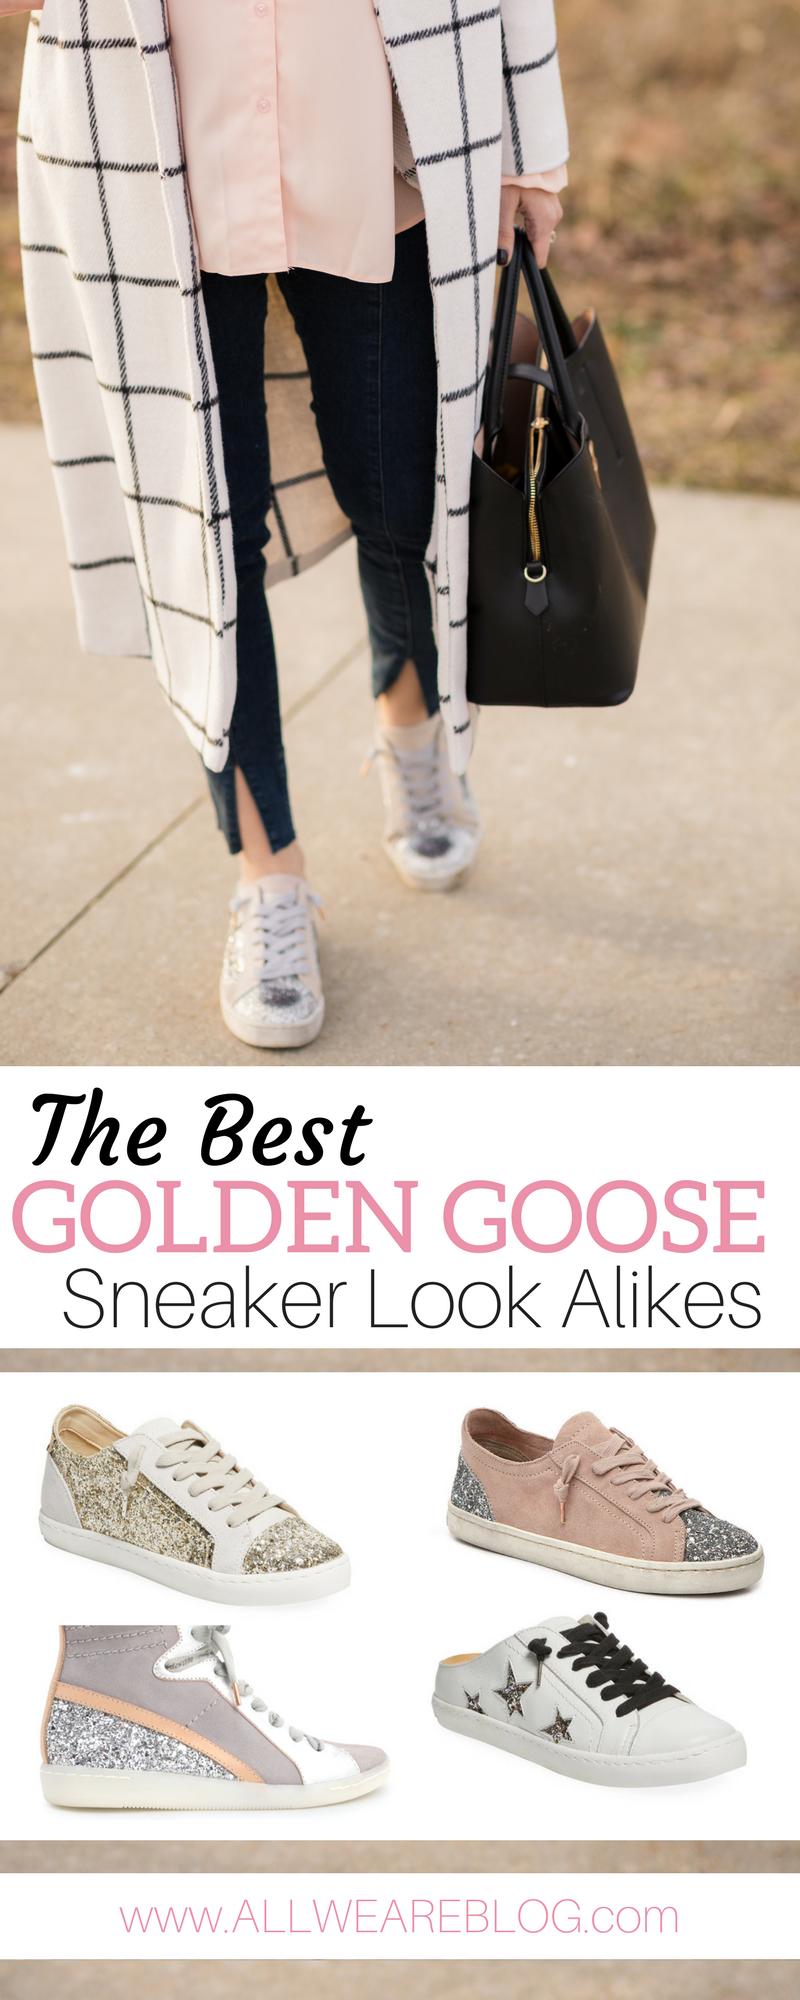 the best golden goose sneaker look alikes